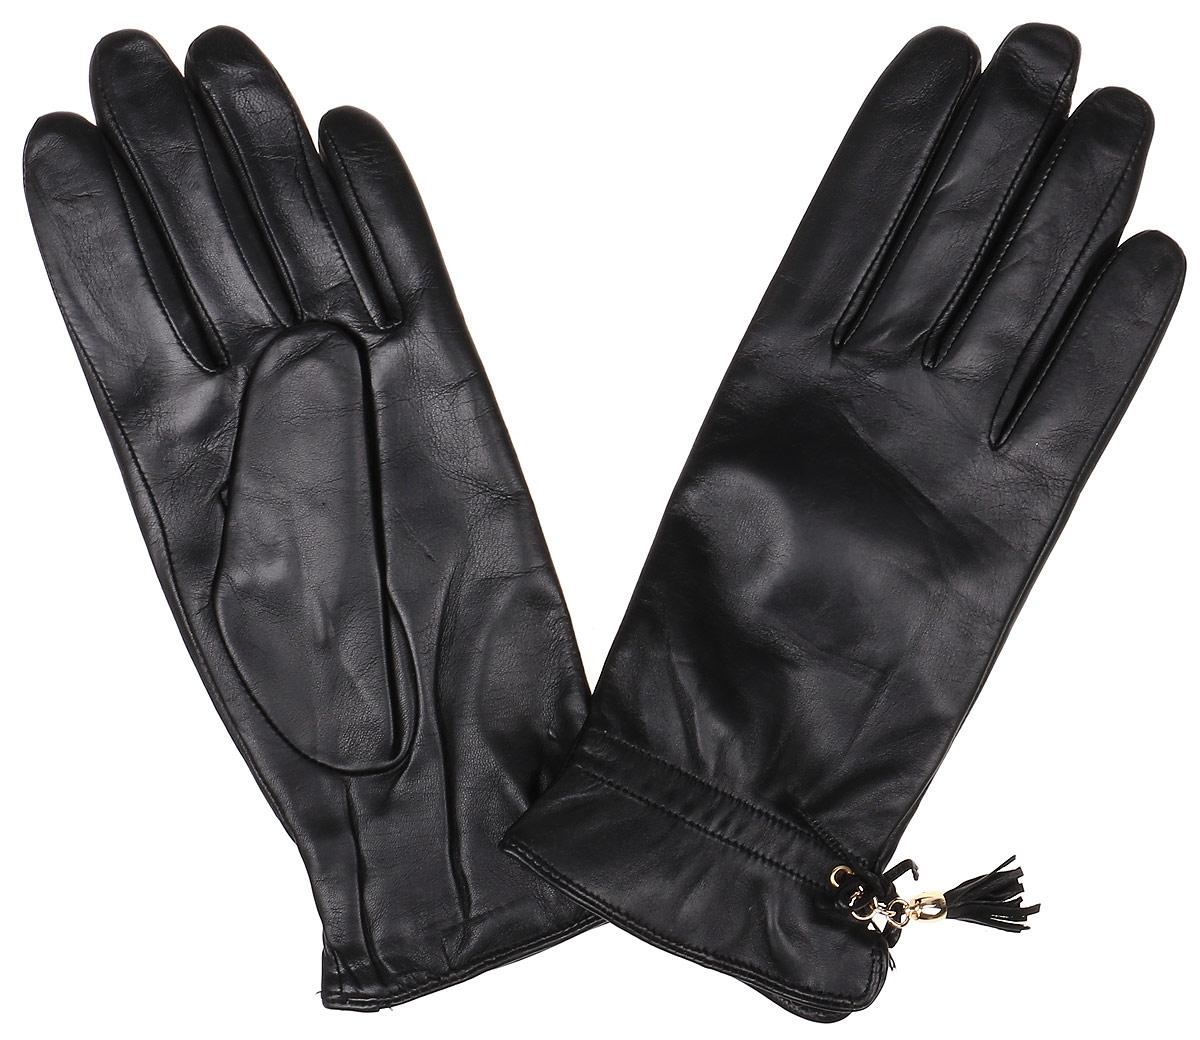 Перчатки женские Fabretti, цвет: черный. 12.37-1. Размер 712.37-1 blackЭлегантные женские перчатки Fabretti станут великолепным дополнением вашего образа и защитят ваши руки от холода и ветра во время прогулок. Перчатки выполнены из натуральной кожи ягненка, подкладка - из шерсти и кашемира. Модель декорирована оригинальным бантиком и кожаной кисточкой. Такие перчатки будут оригинальным завершающим штрихом в создании современного модного образа, они подчеркнут ваш изысканный вкус и станут незаменимым и практичным аксессуаром.